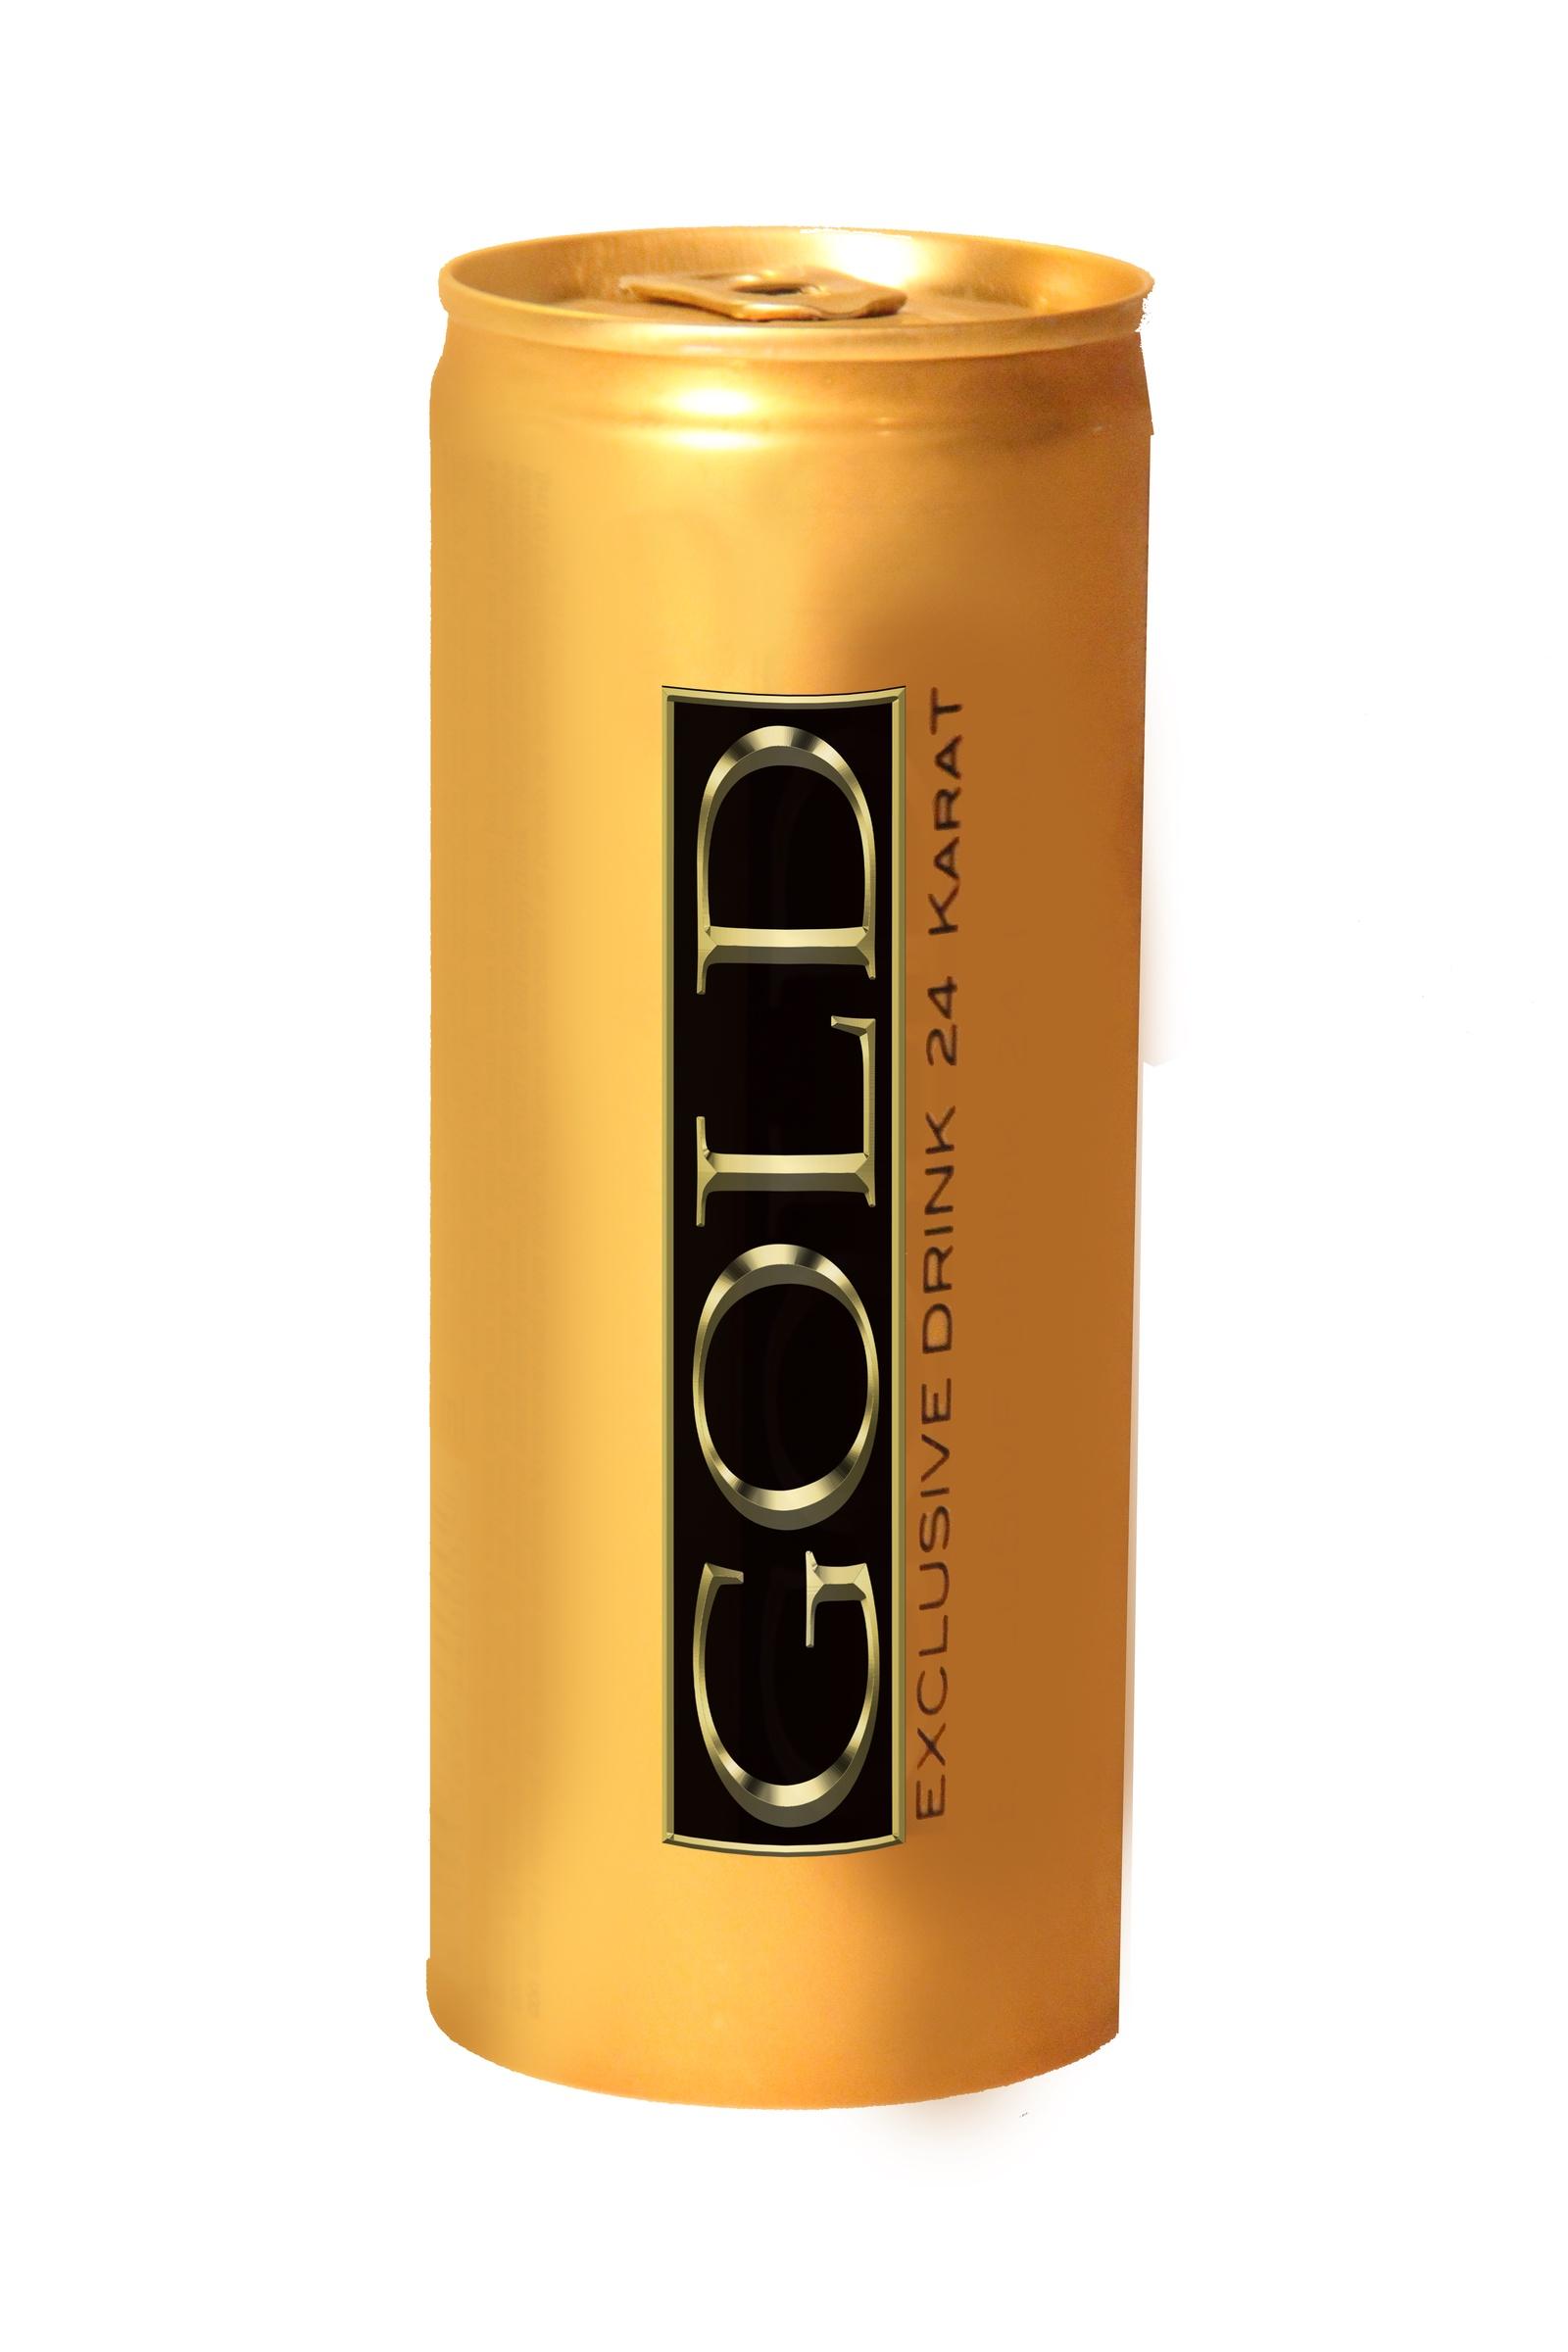 Энергетический напиток GOLD Exclusive Drink 24 Karat с золотом laq лак для ногтей 24 карата чистого золота 24 carat solid gold 15 мл 4 оттенка 10187 24 carat solid gold 24 карата чистого золота 15 мл